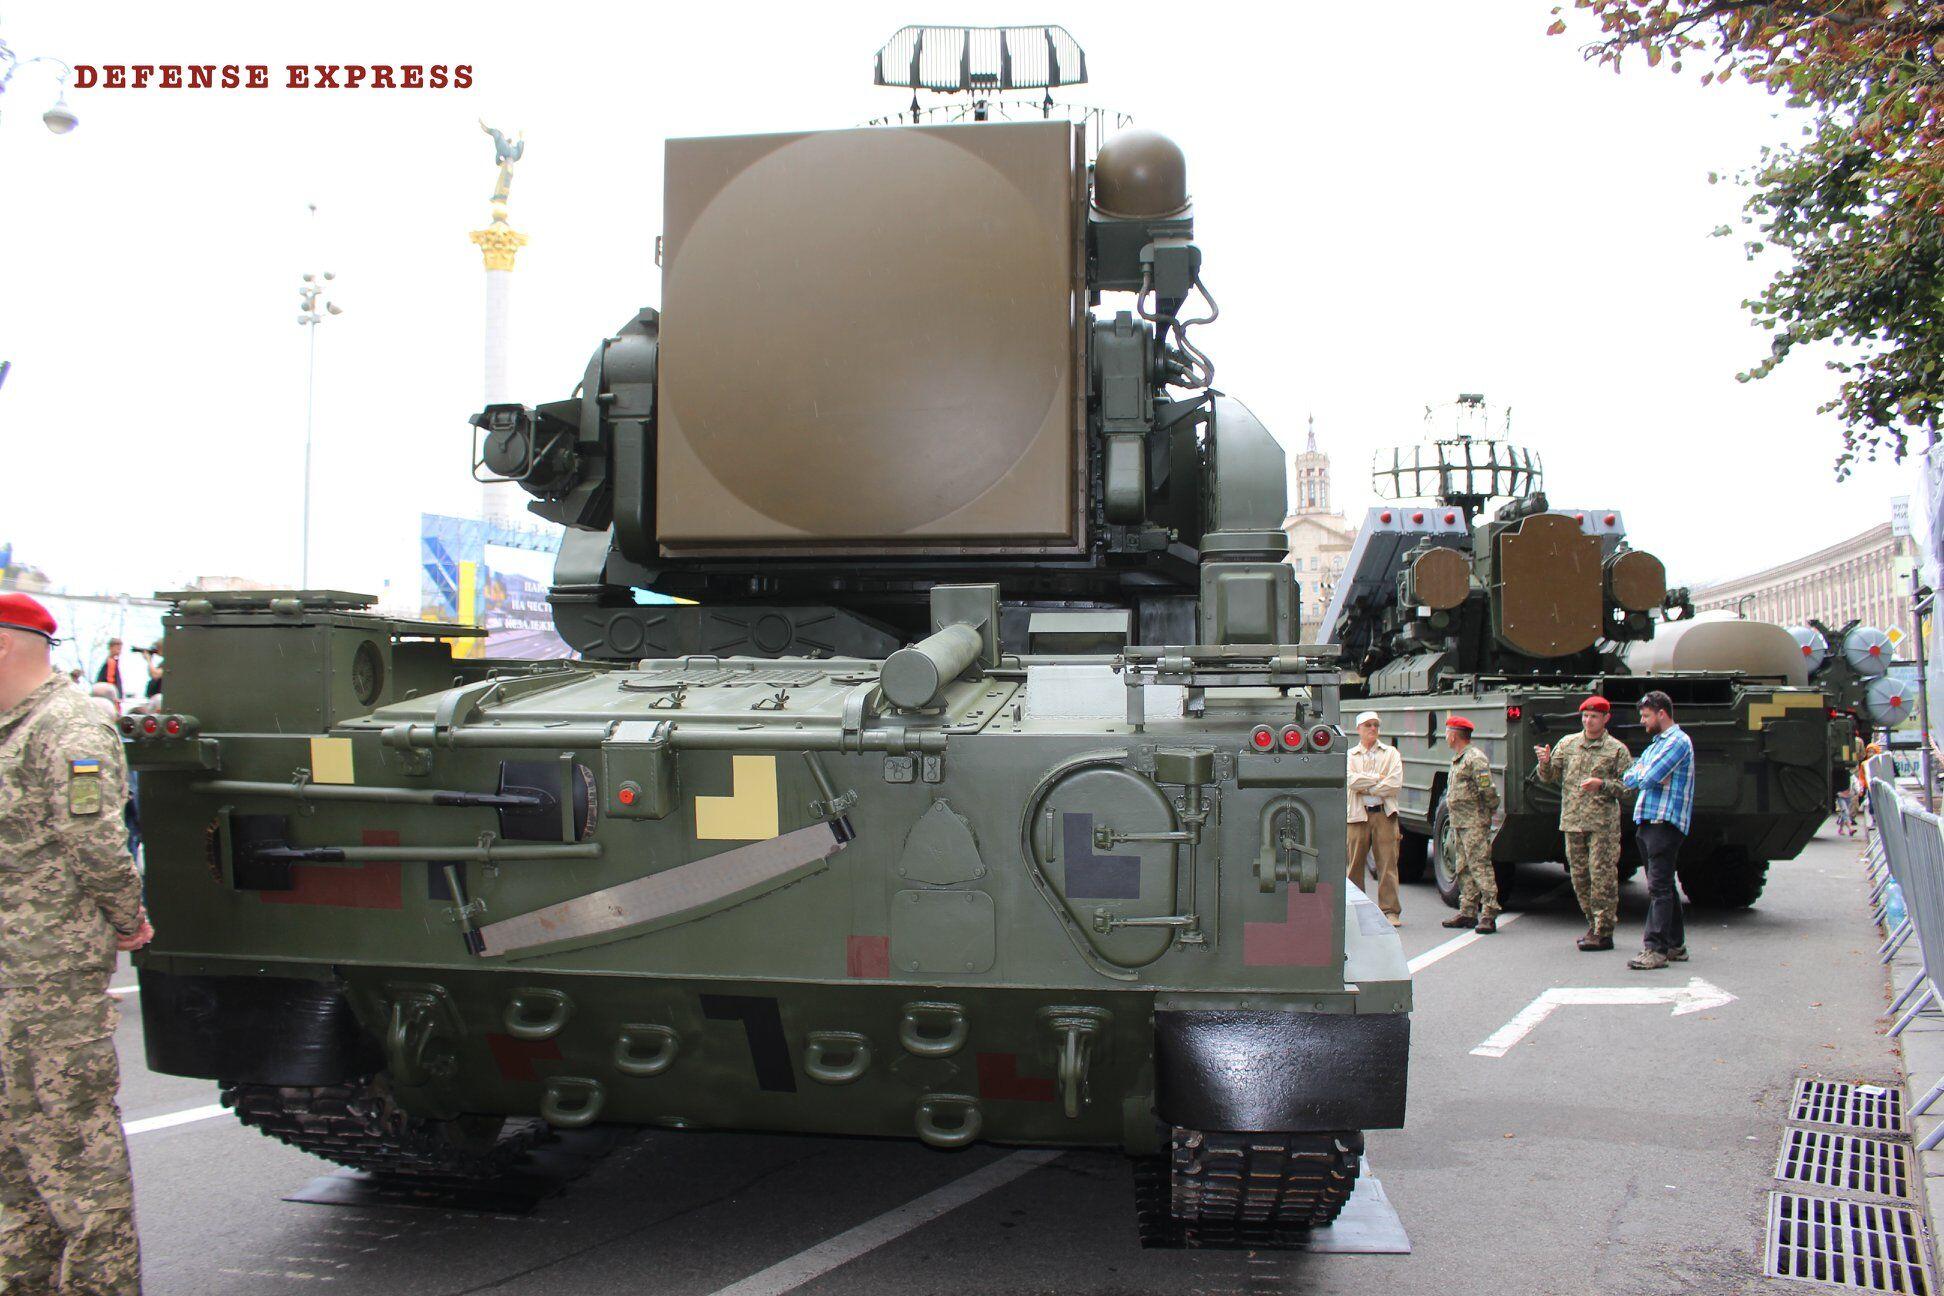 Україна поверне до бойового строю 6 типів ЗРК: що відомо про потужну зброю